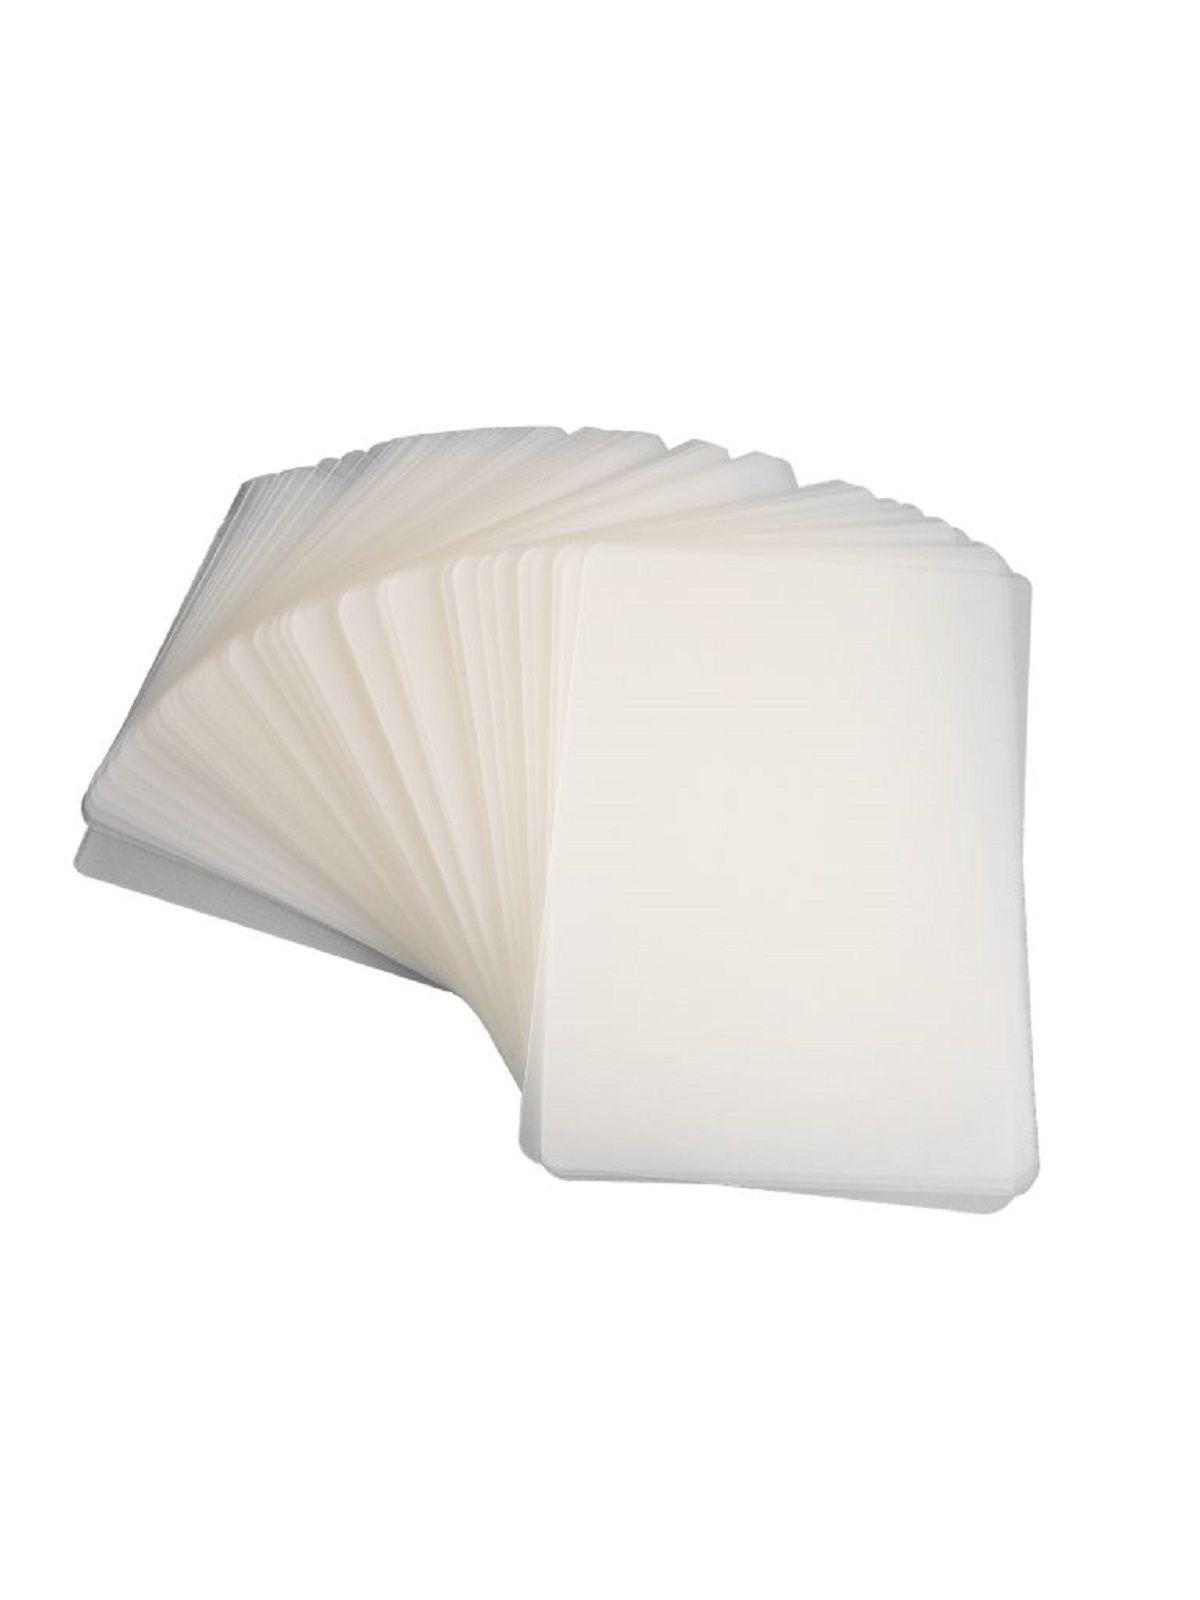 Kit 1000 Plasticos Polaseal para Plastificação 1/2 Oficio 170x226x0,10mm (250 micras)  - Click Suprimentos